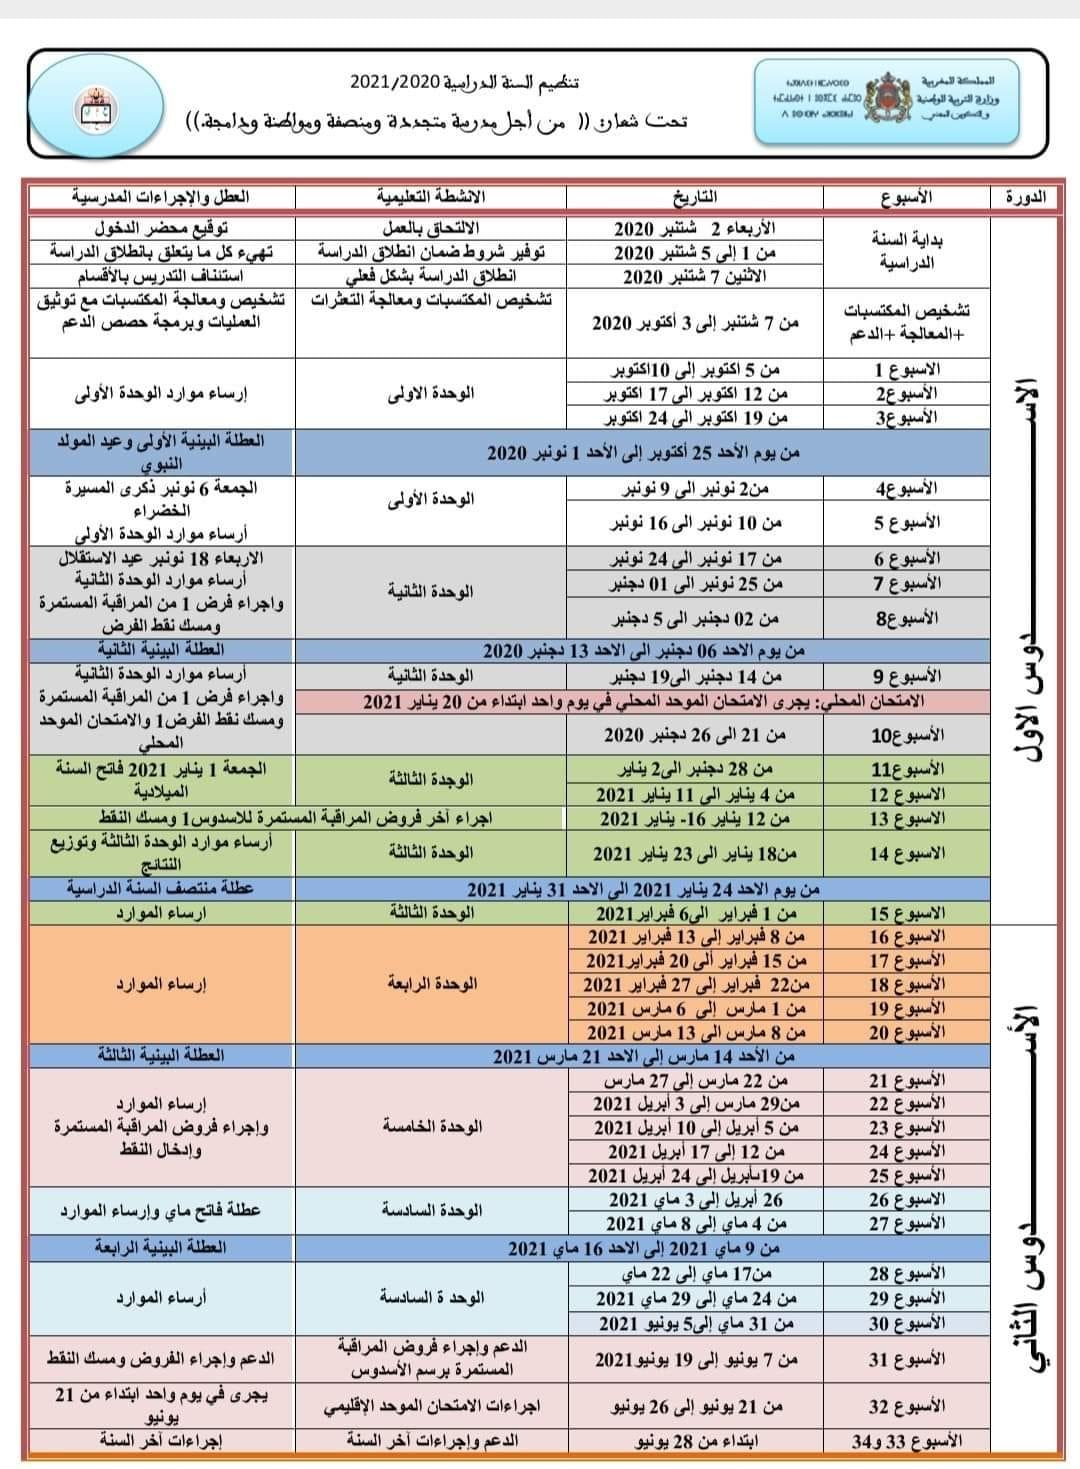 تنظيم السنة الدراسية حسب المقرر الوزاري 2020 - 2021